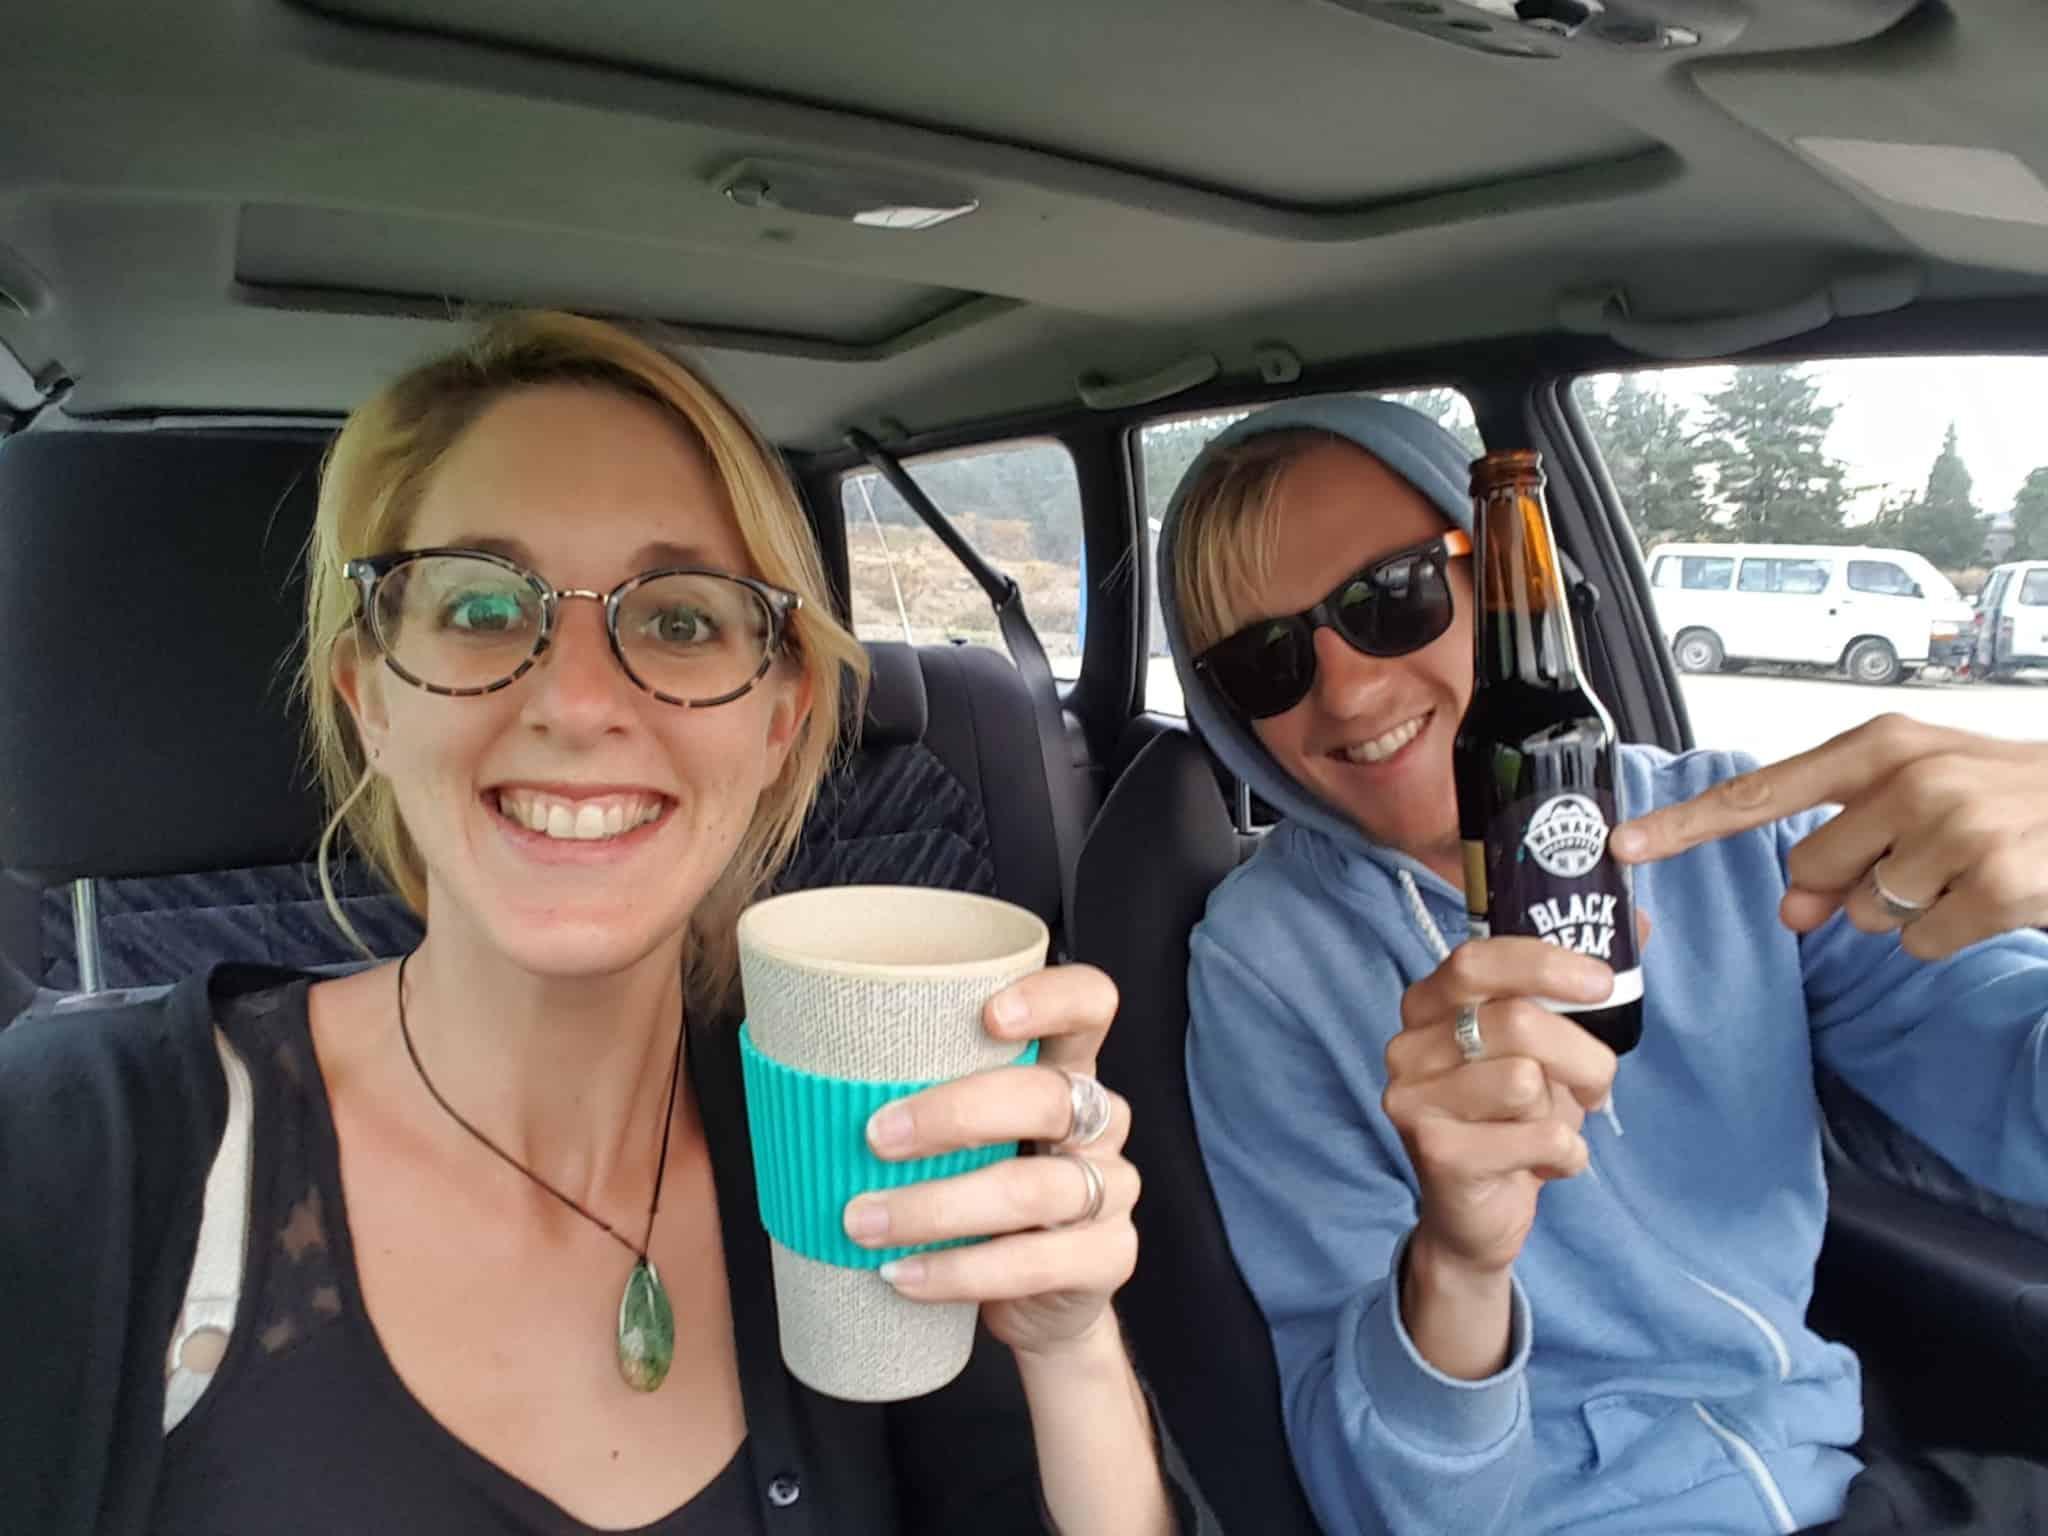 Nouvelle-Zélande, quand ta vie bascule en trois semaines top chrono 🤪 12